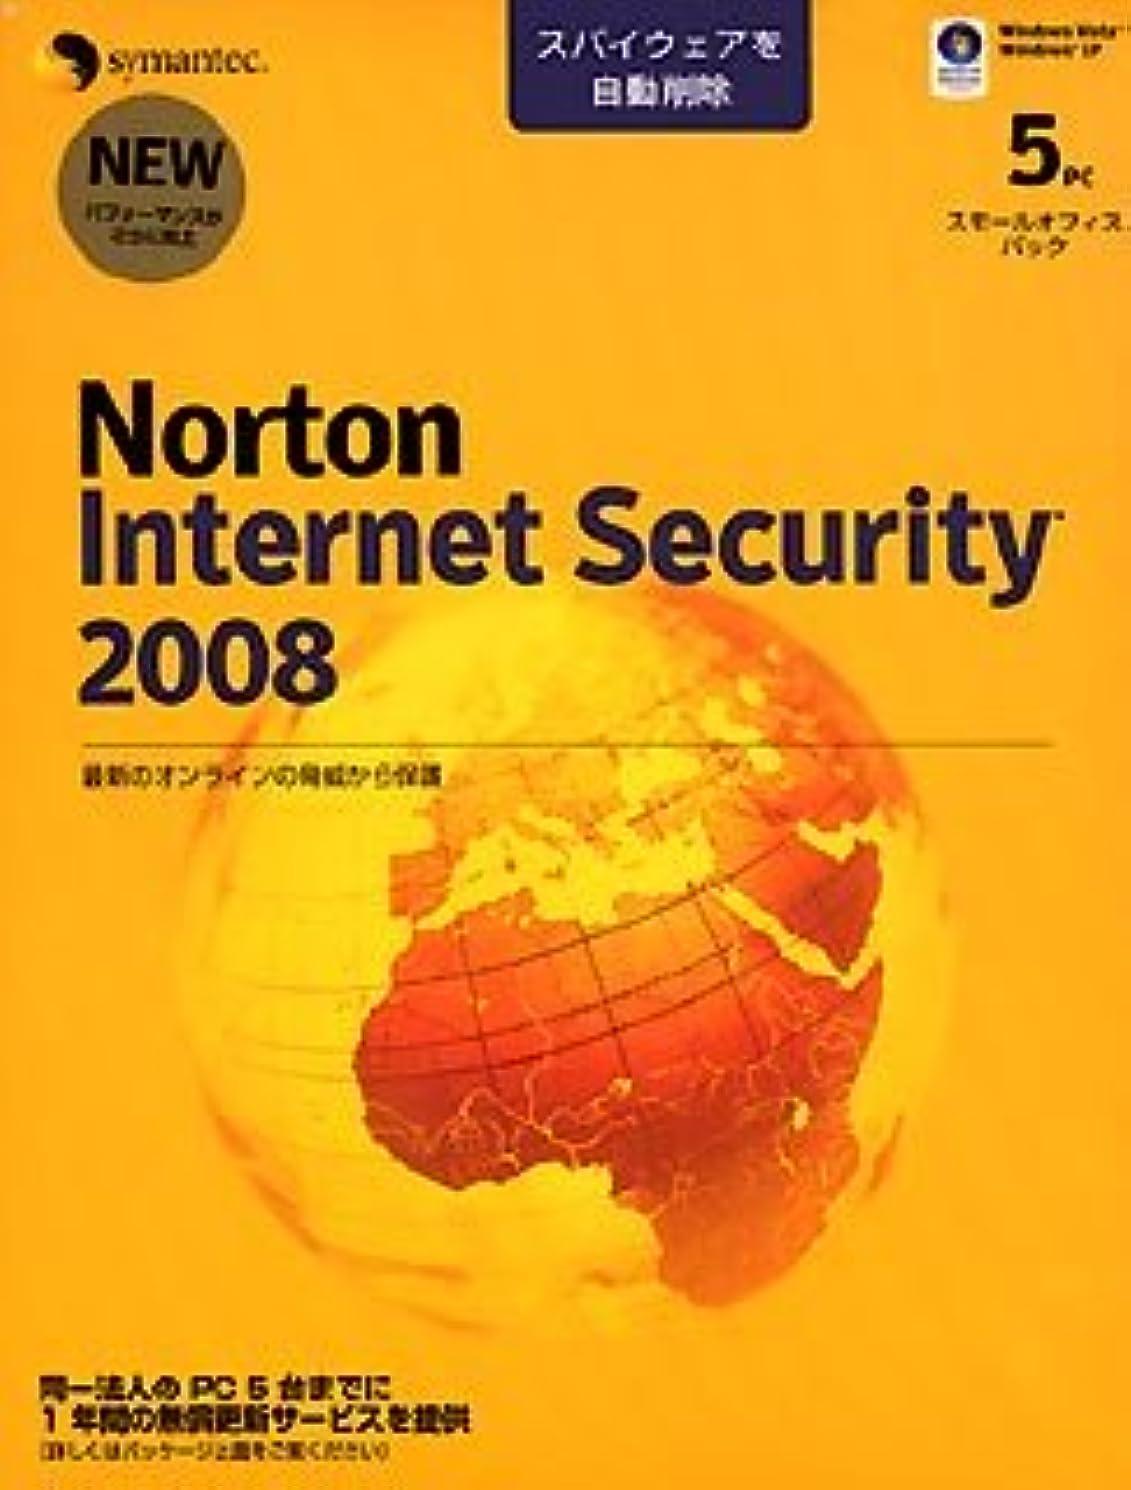 出口エレメンタル考えたNorton Internet Security 2008 スモールオフィスパック 5ユーザー